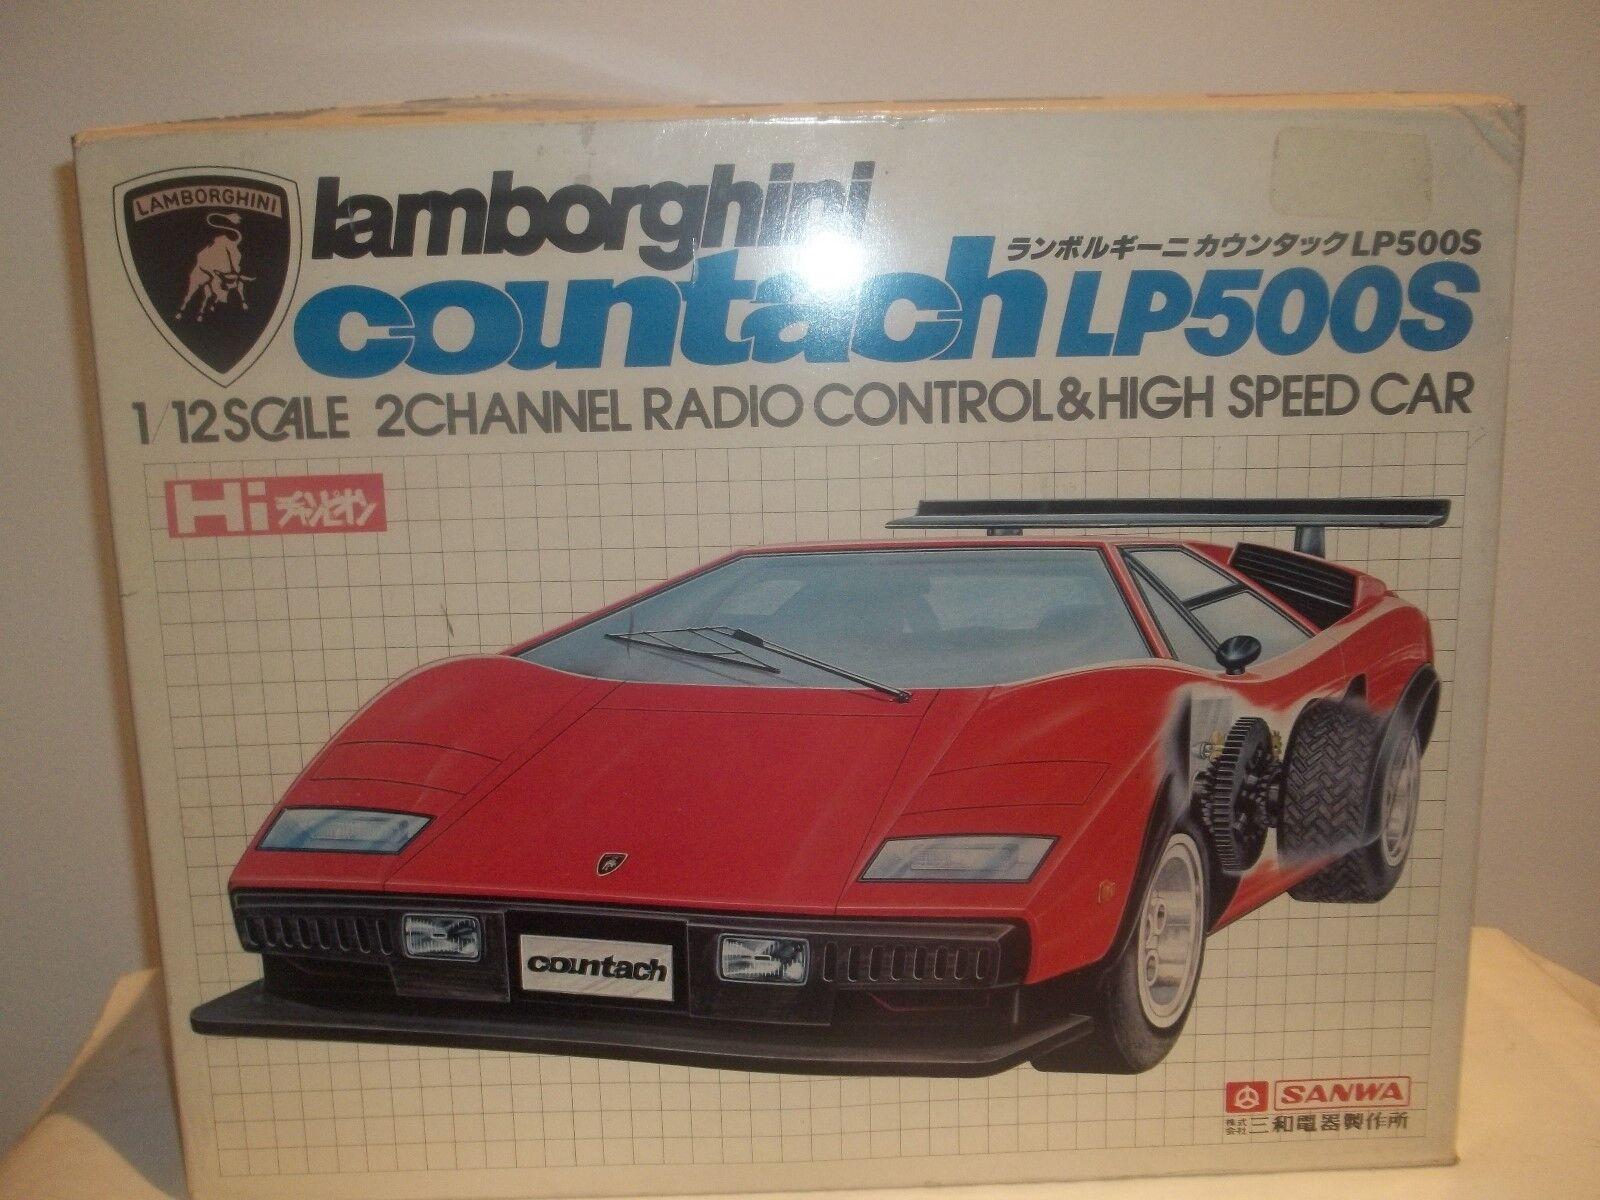 Vintage Sällsynt Sanwa R C Lamborghini LP500S 1 12 Ny